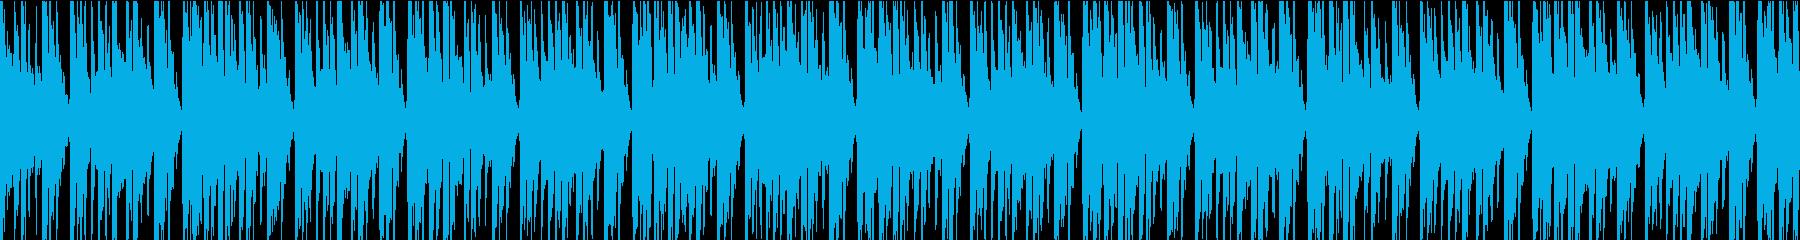 明るくハッピーで大当たり感のあるジングルの再生済みの波形